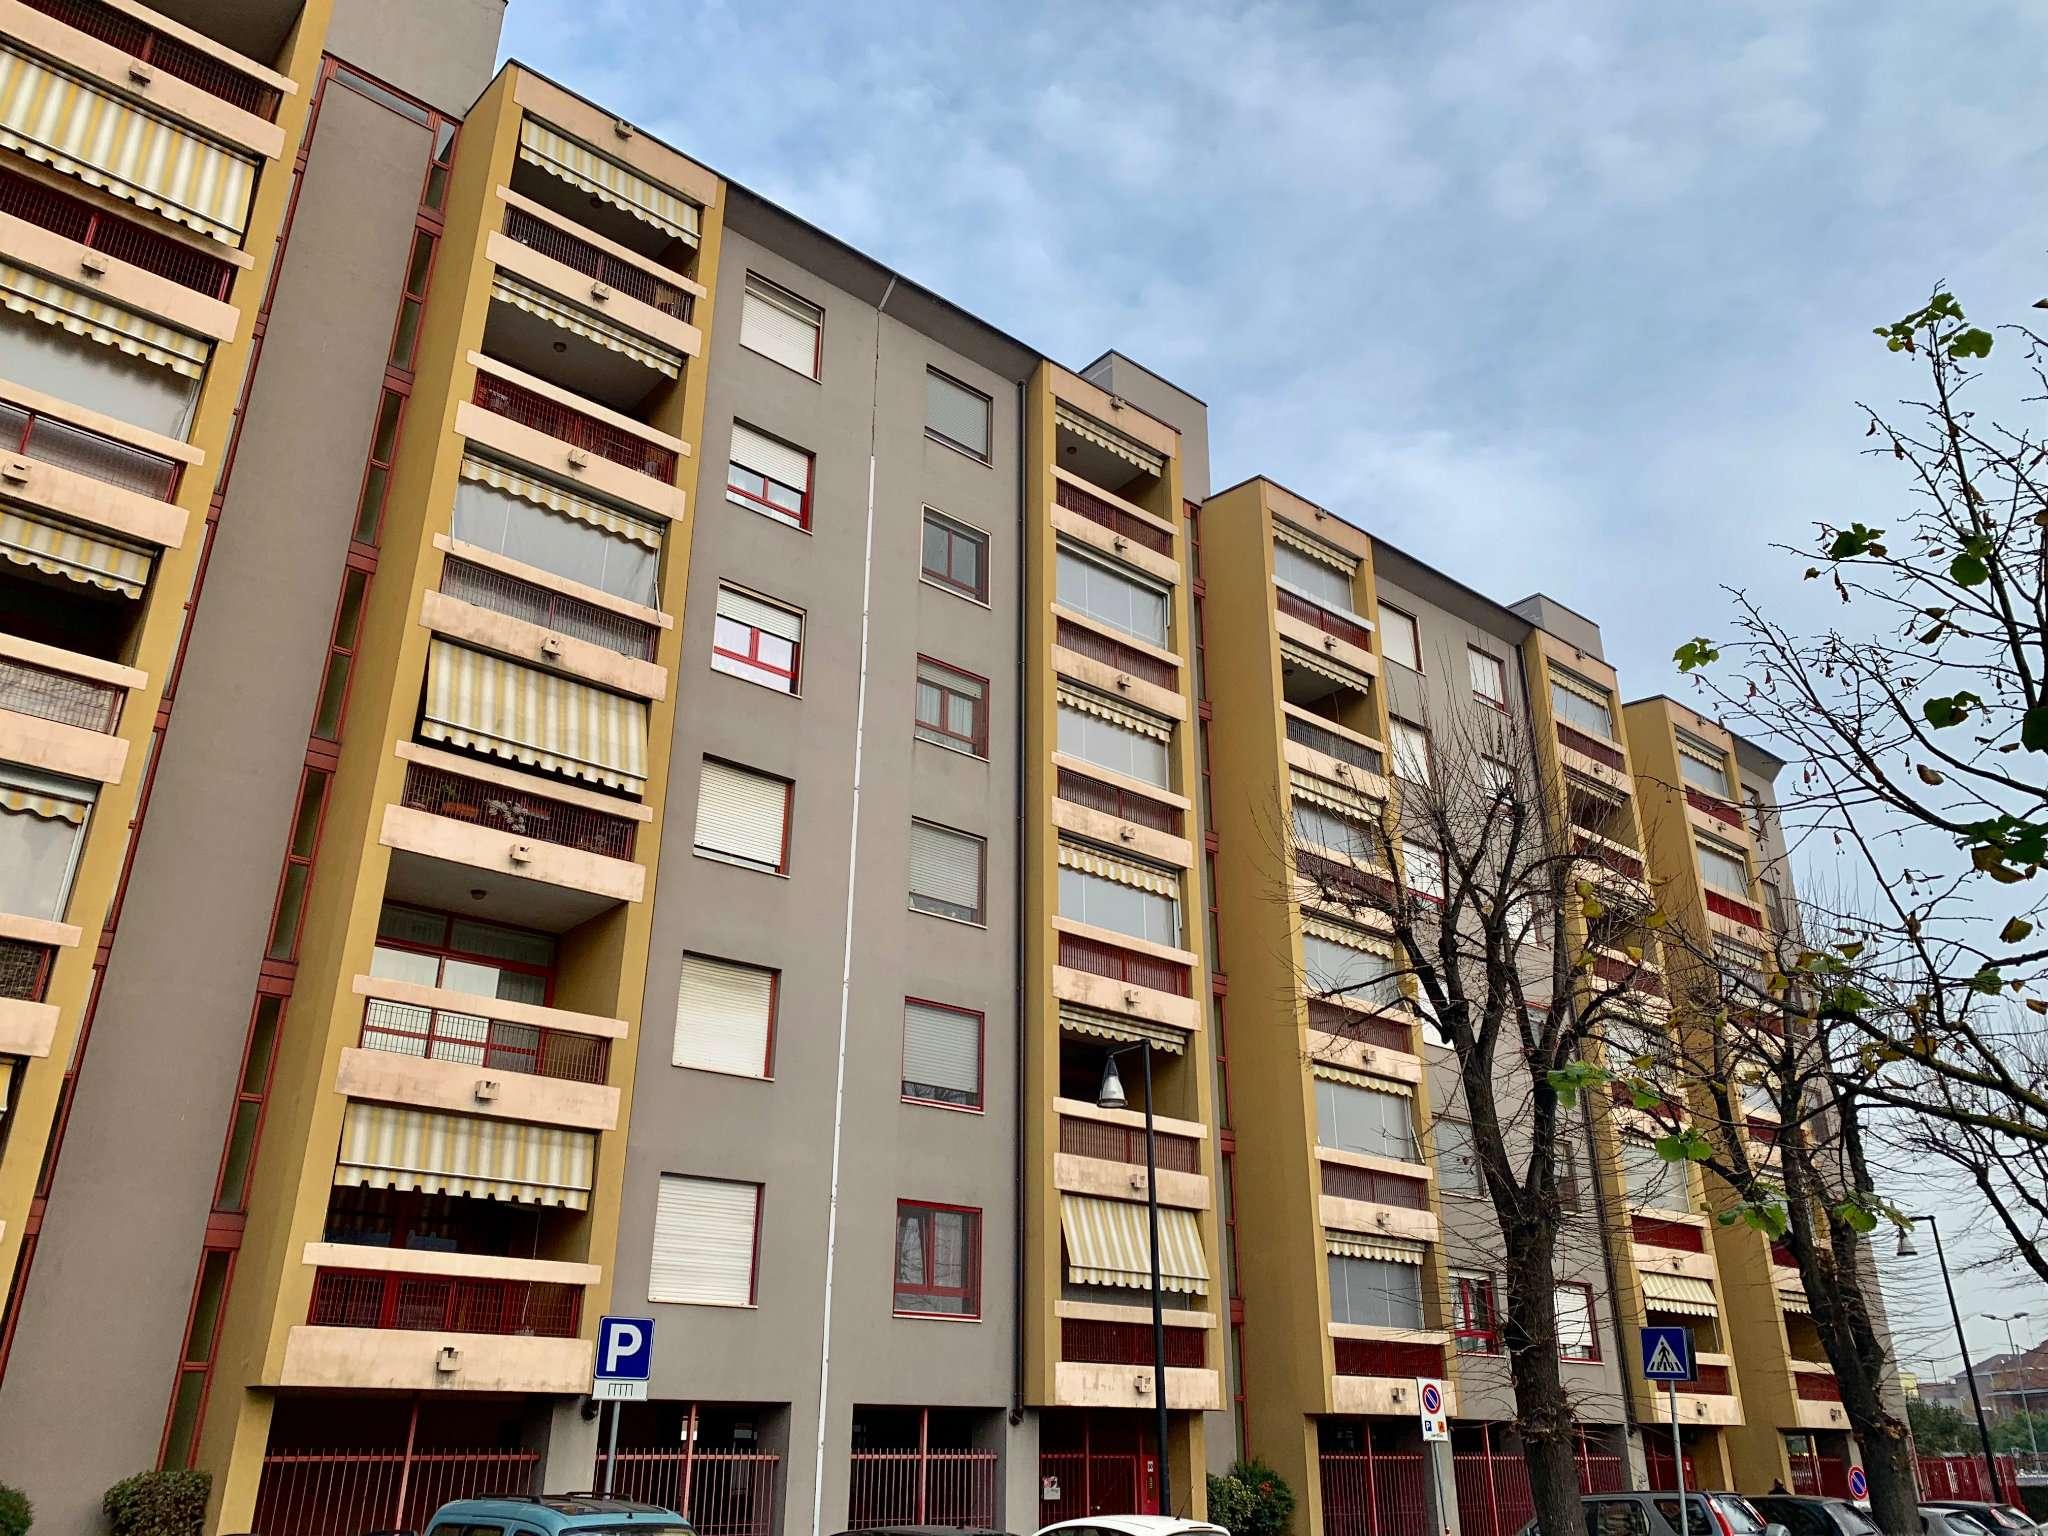 Appartamento in affitto a Settimo Torinese, 5 locali, prezzo € 650   CambioCasa.it